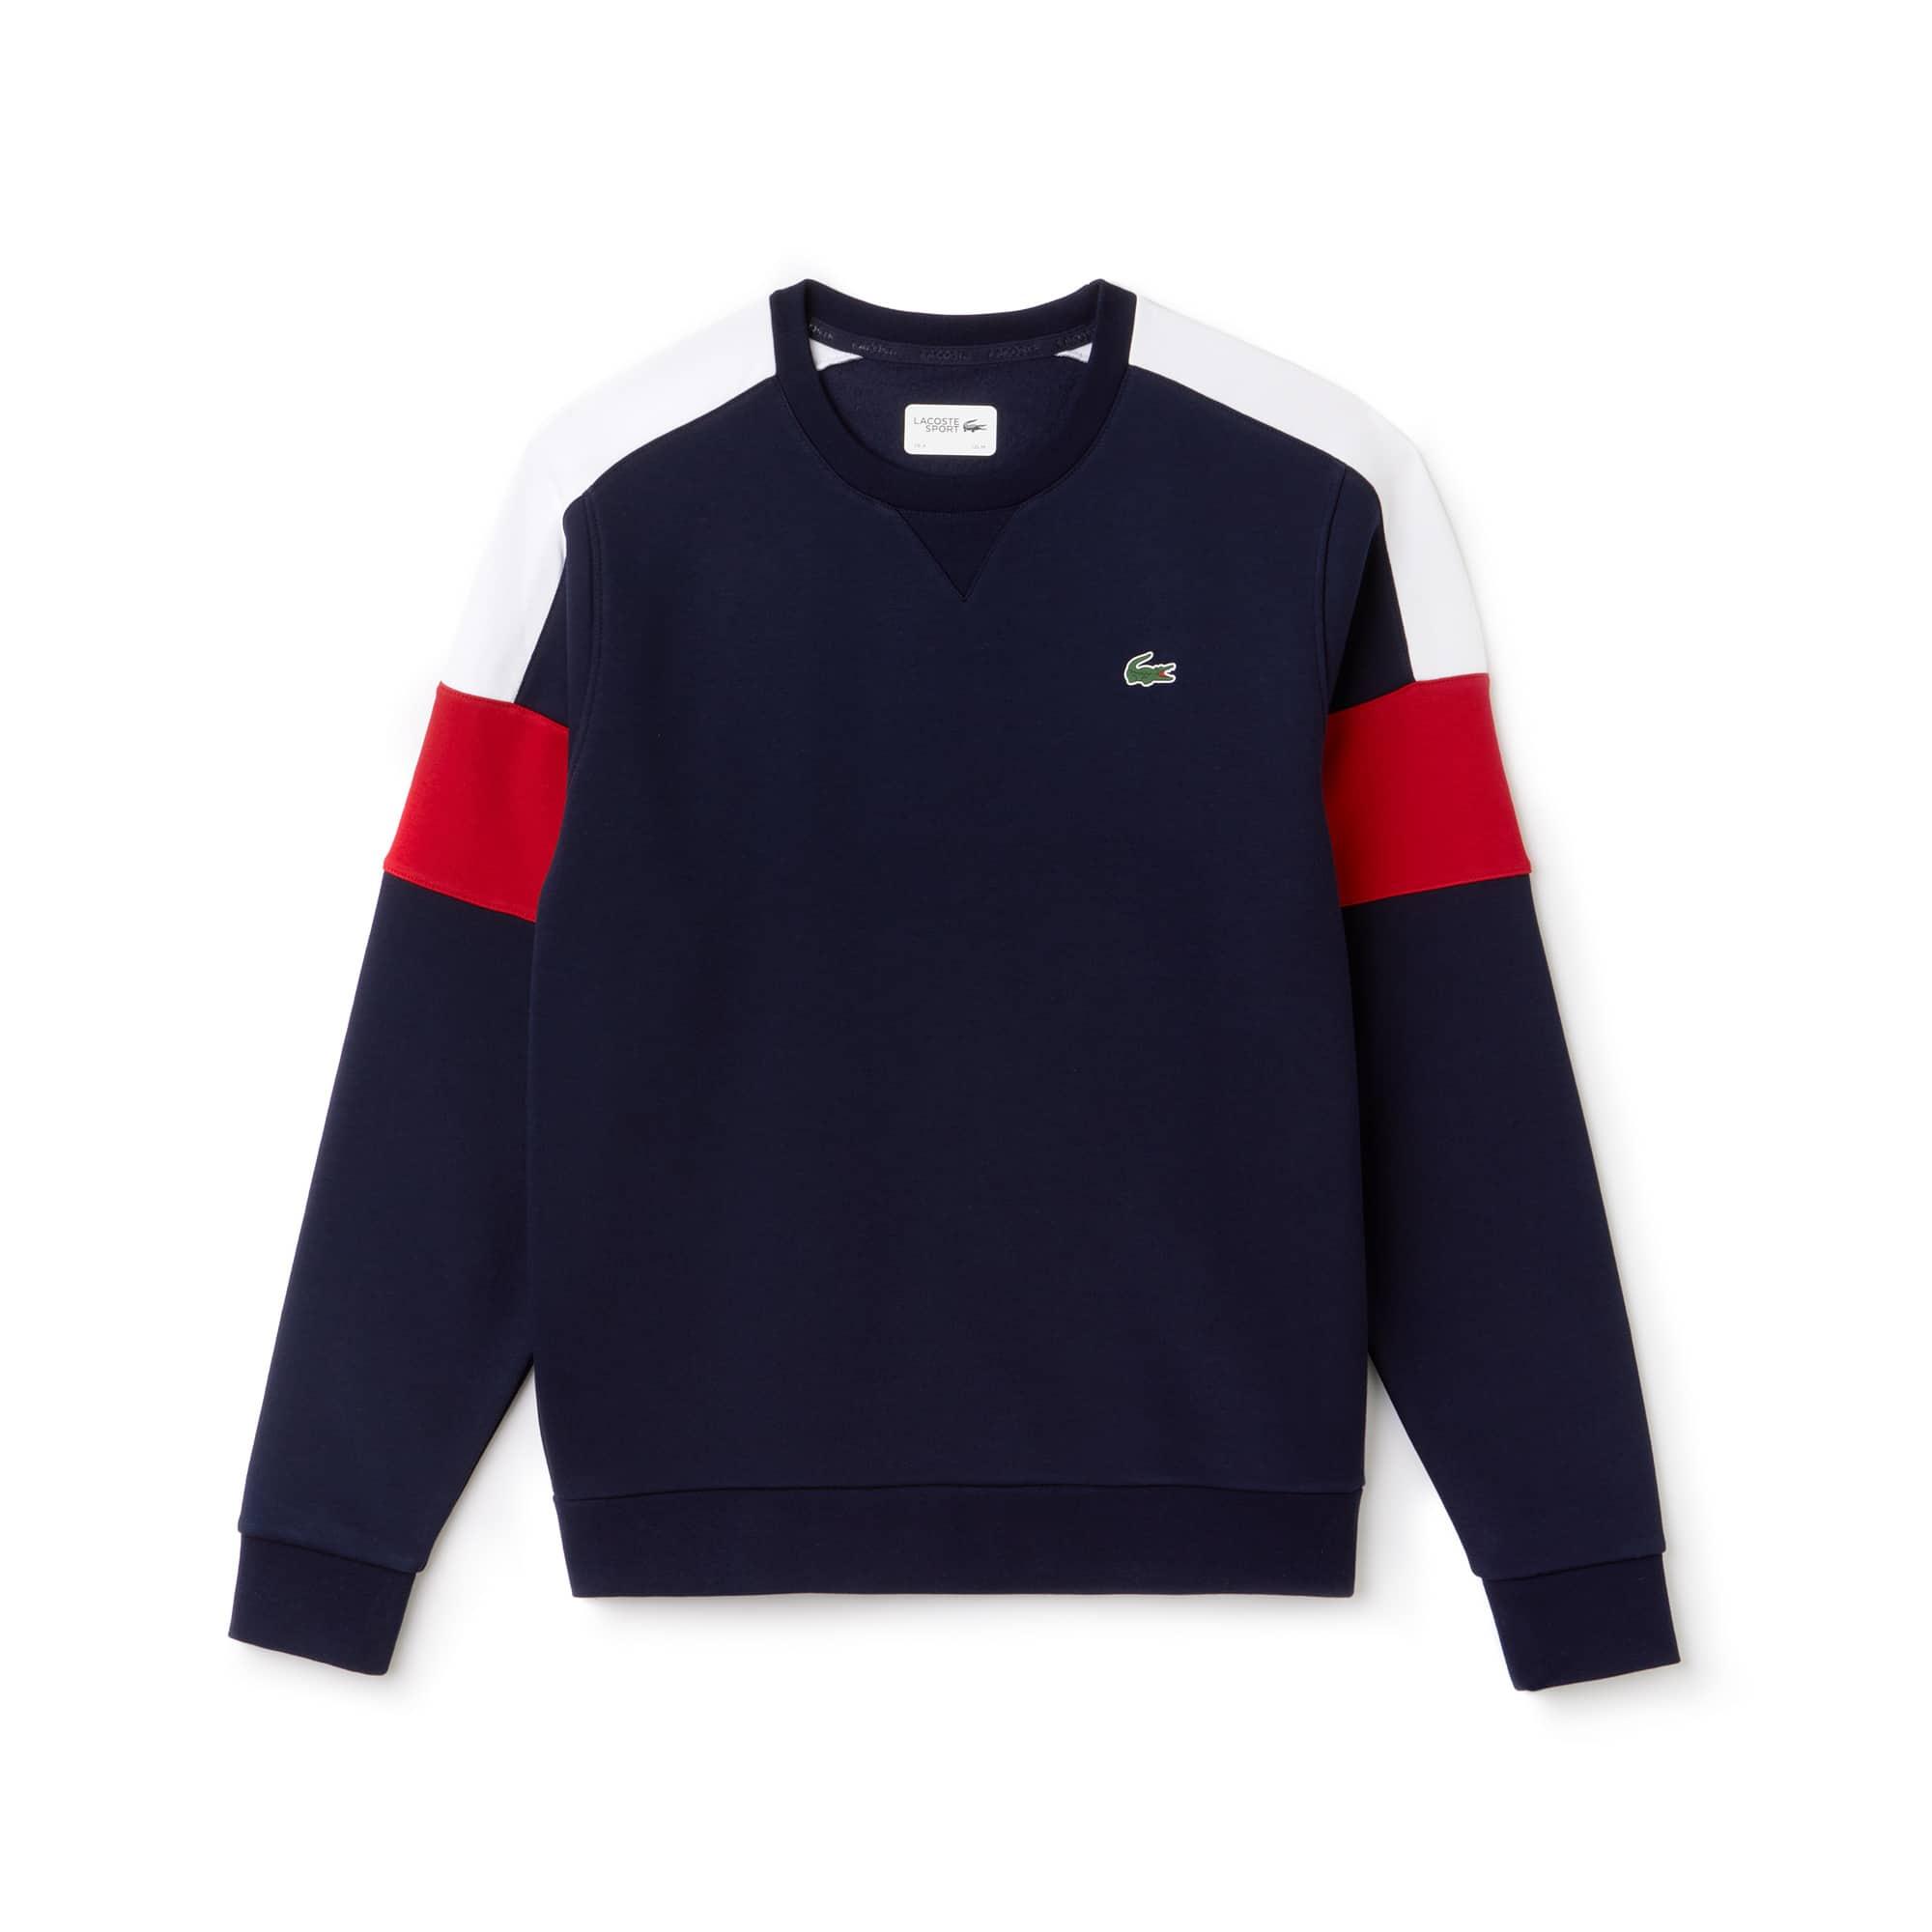 Herren LACOSTE SPORT Tennis Sweatshirt aus Fleece mit Colorblocks